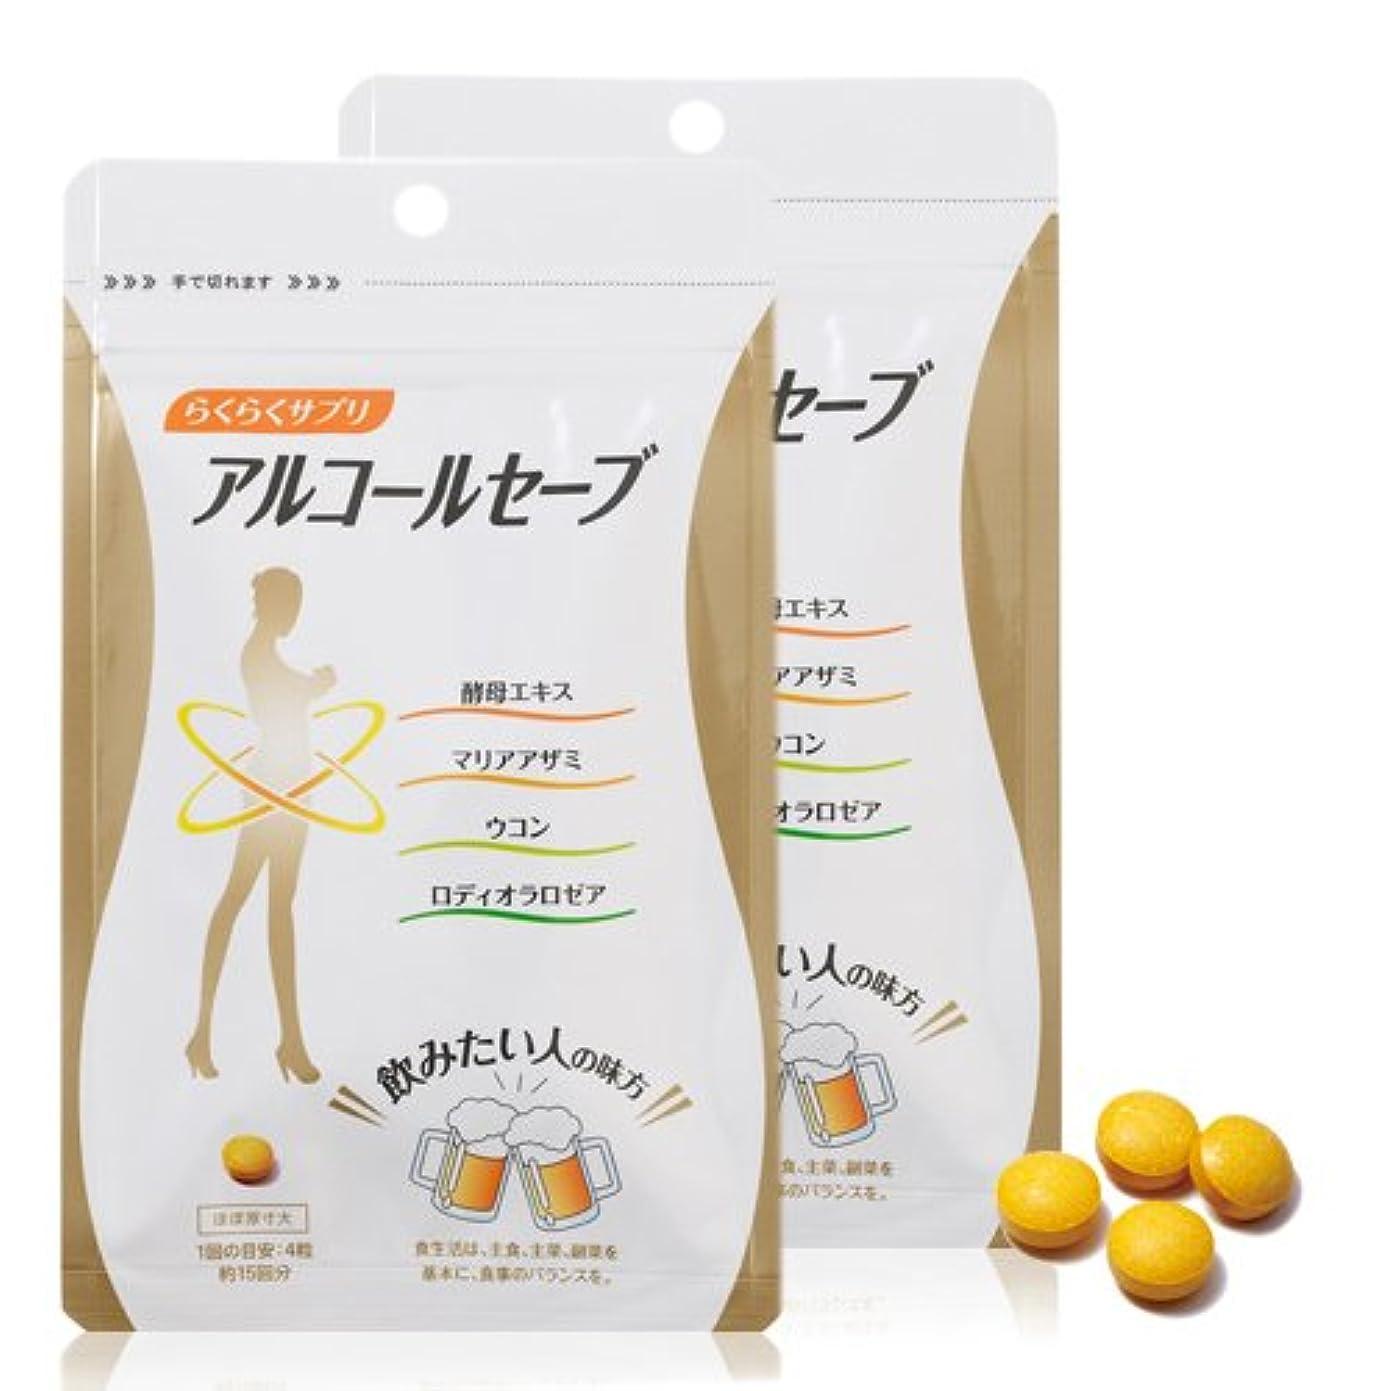 助言ベーシックロールスリムサプリメント アルコールセーブ 2袋セット